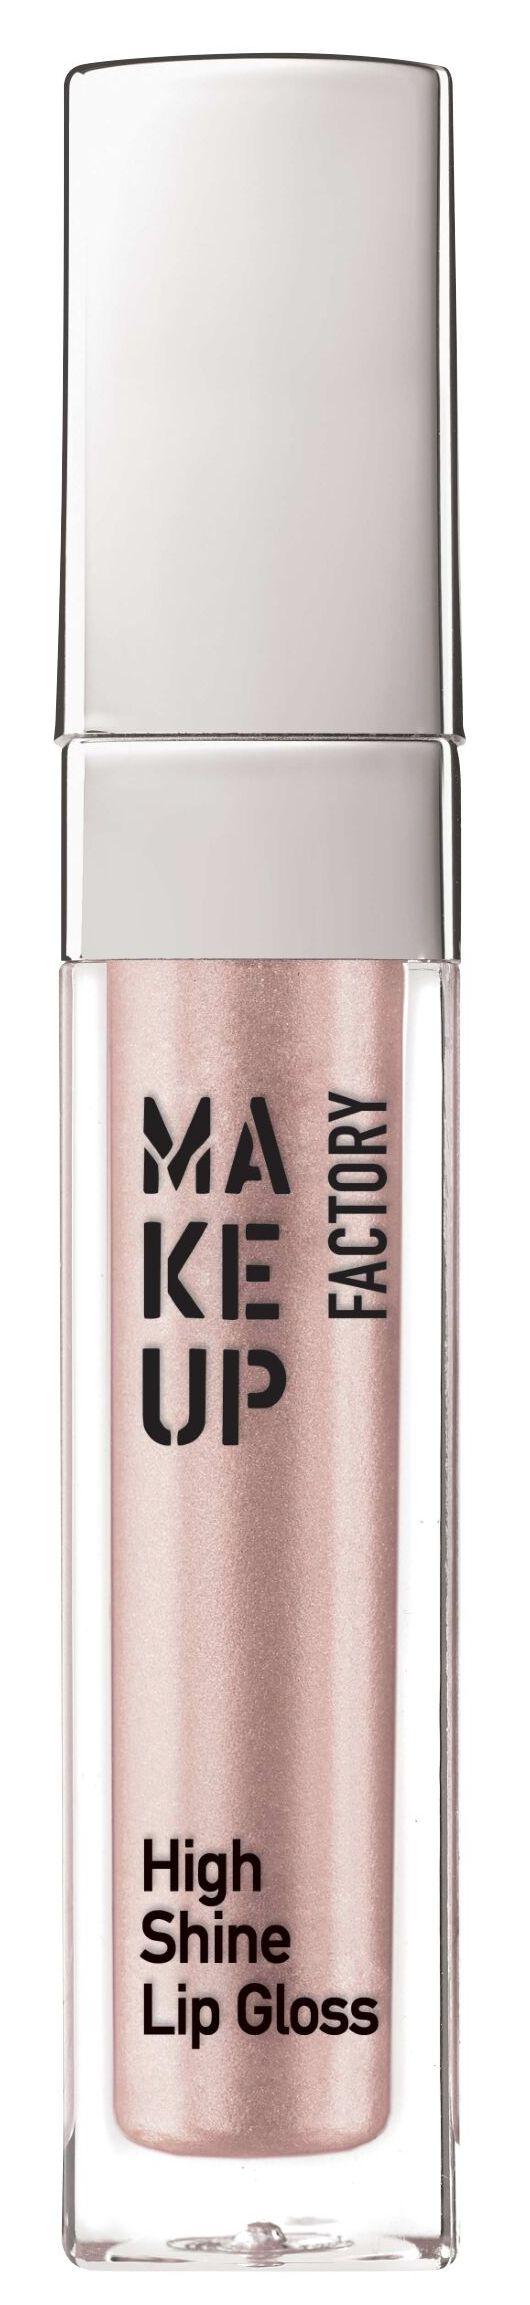 Купить MAKE UP FACTORY Блеск с эффектом влажных губ, 10 молочно-розовый перламутр / High Shine Lip Gloss 6, 5 мл